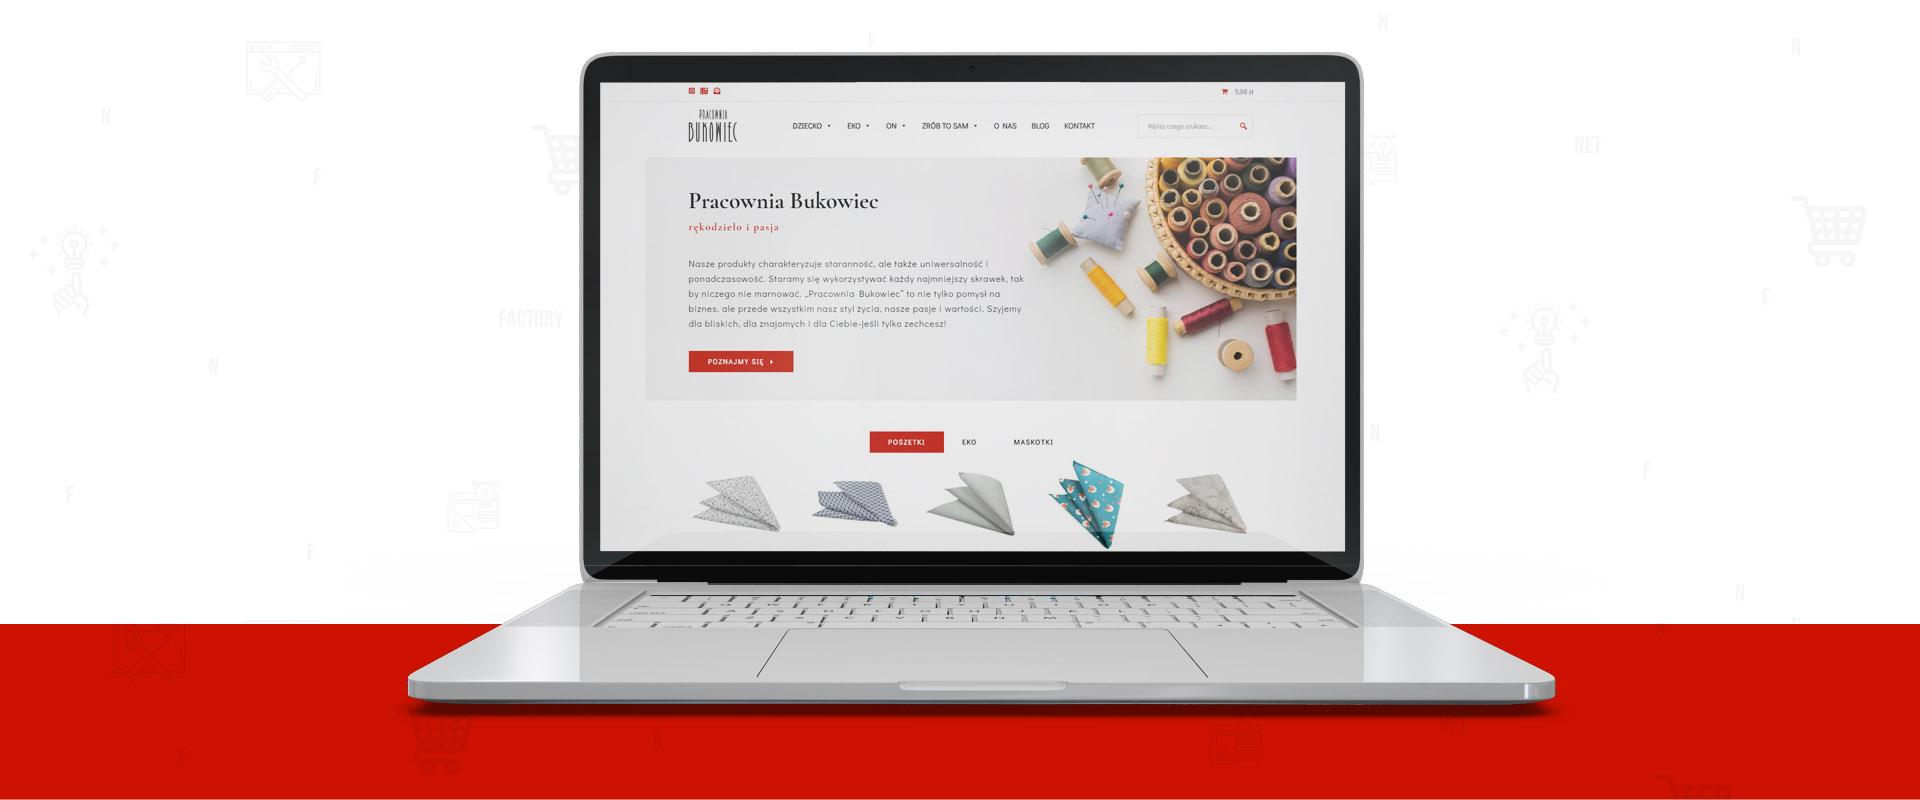 Sklep internetowy dla Pracowni Bukowiec